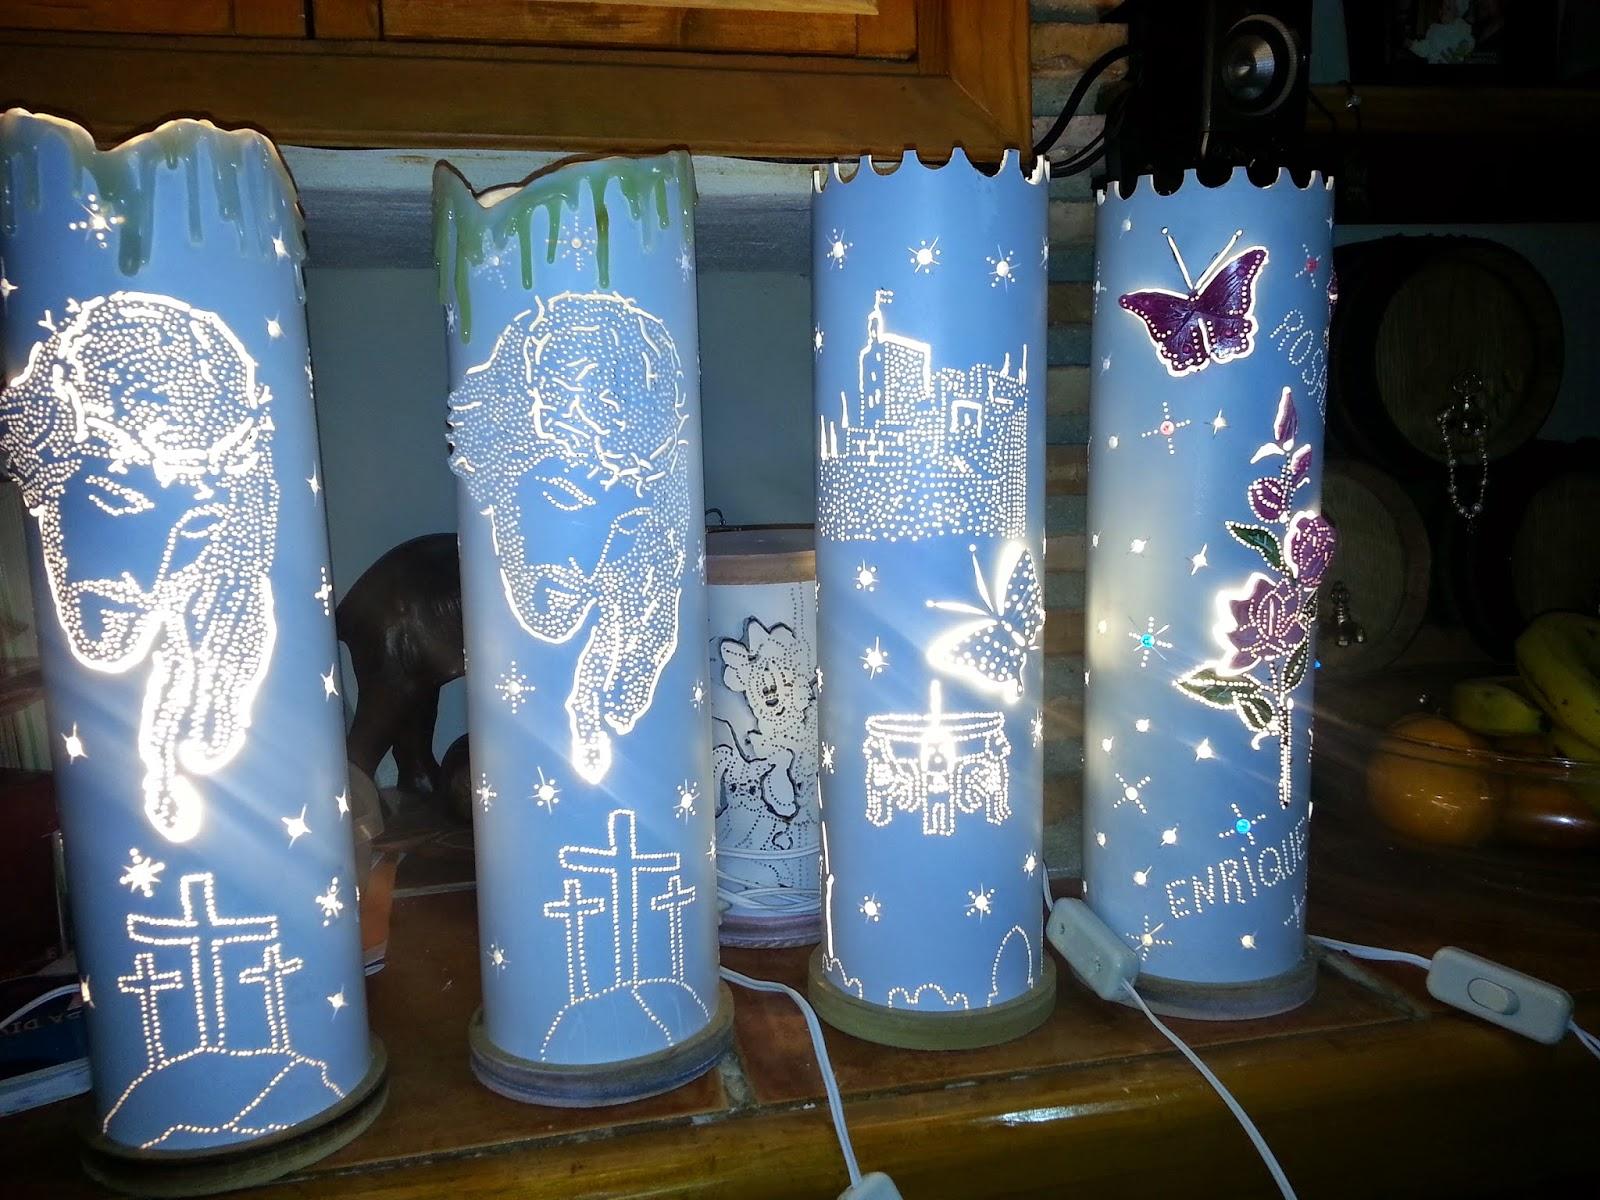 Lamparas carlos varias modelos de lamparas for Modelos de lamparas